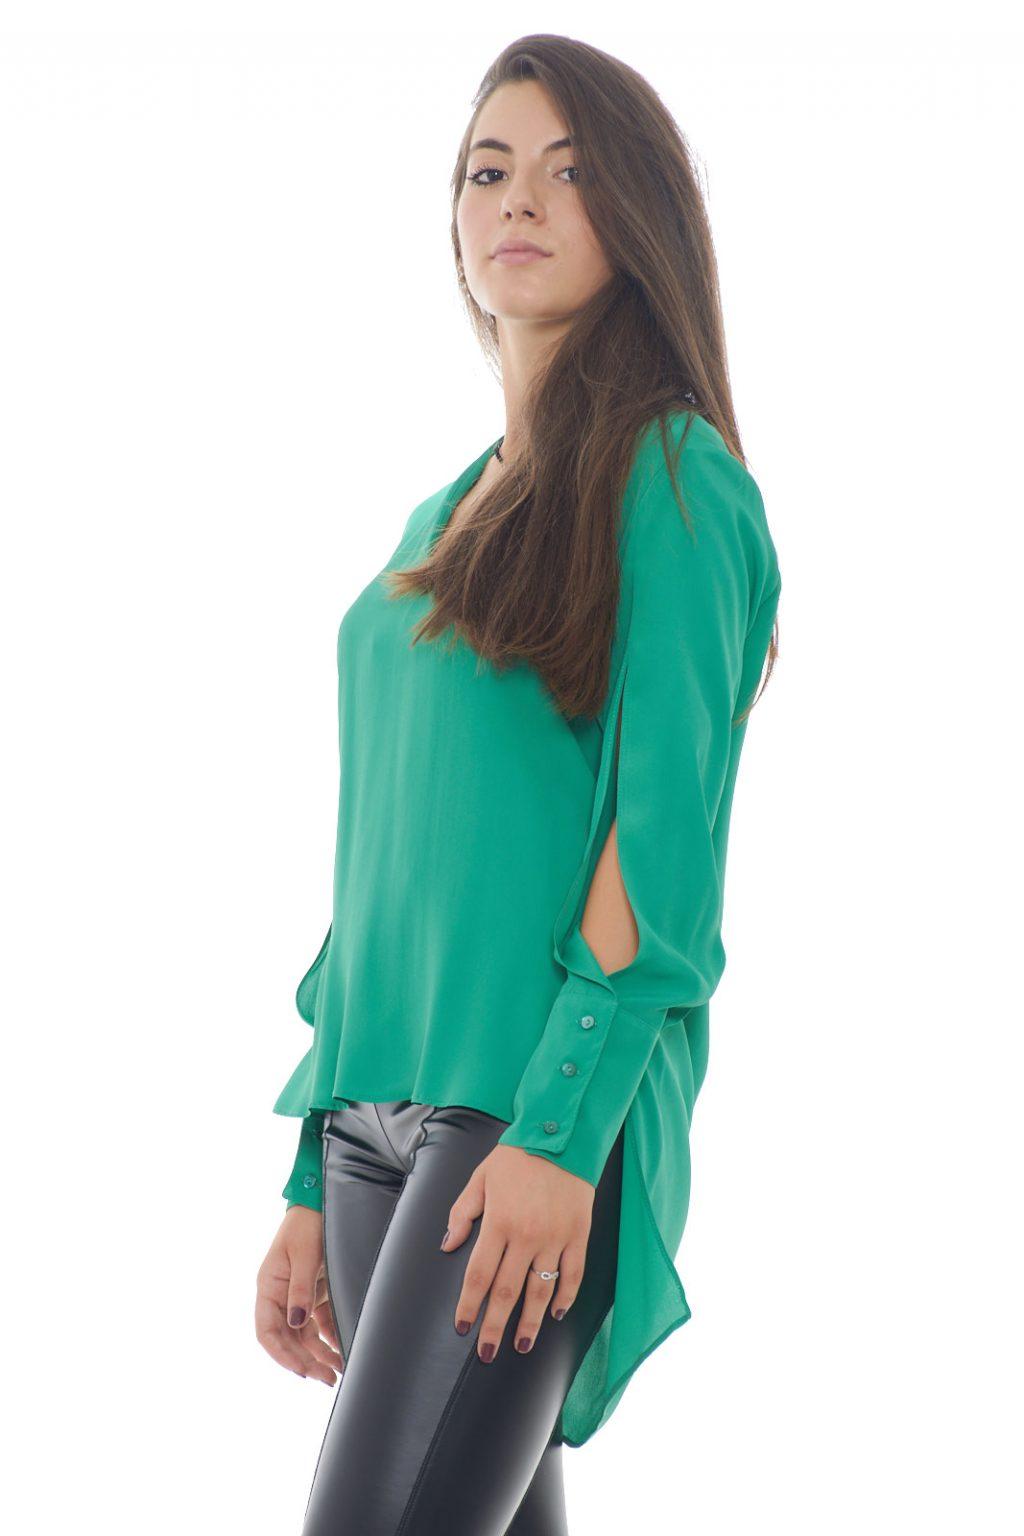 https://www.parmax.com/media/catalog/product/a/i/AI-outlet_parmax-blusa-donna-mem-Js-BL061000-B.jpg